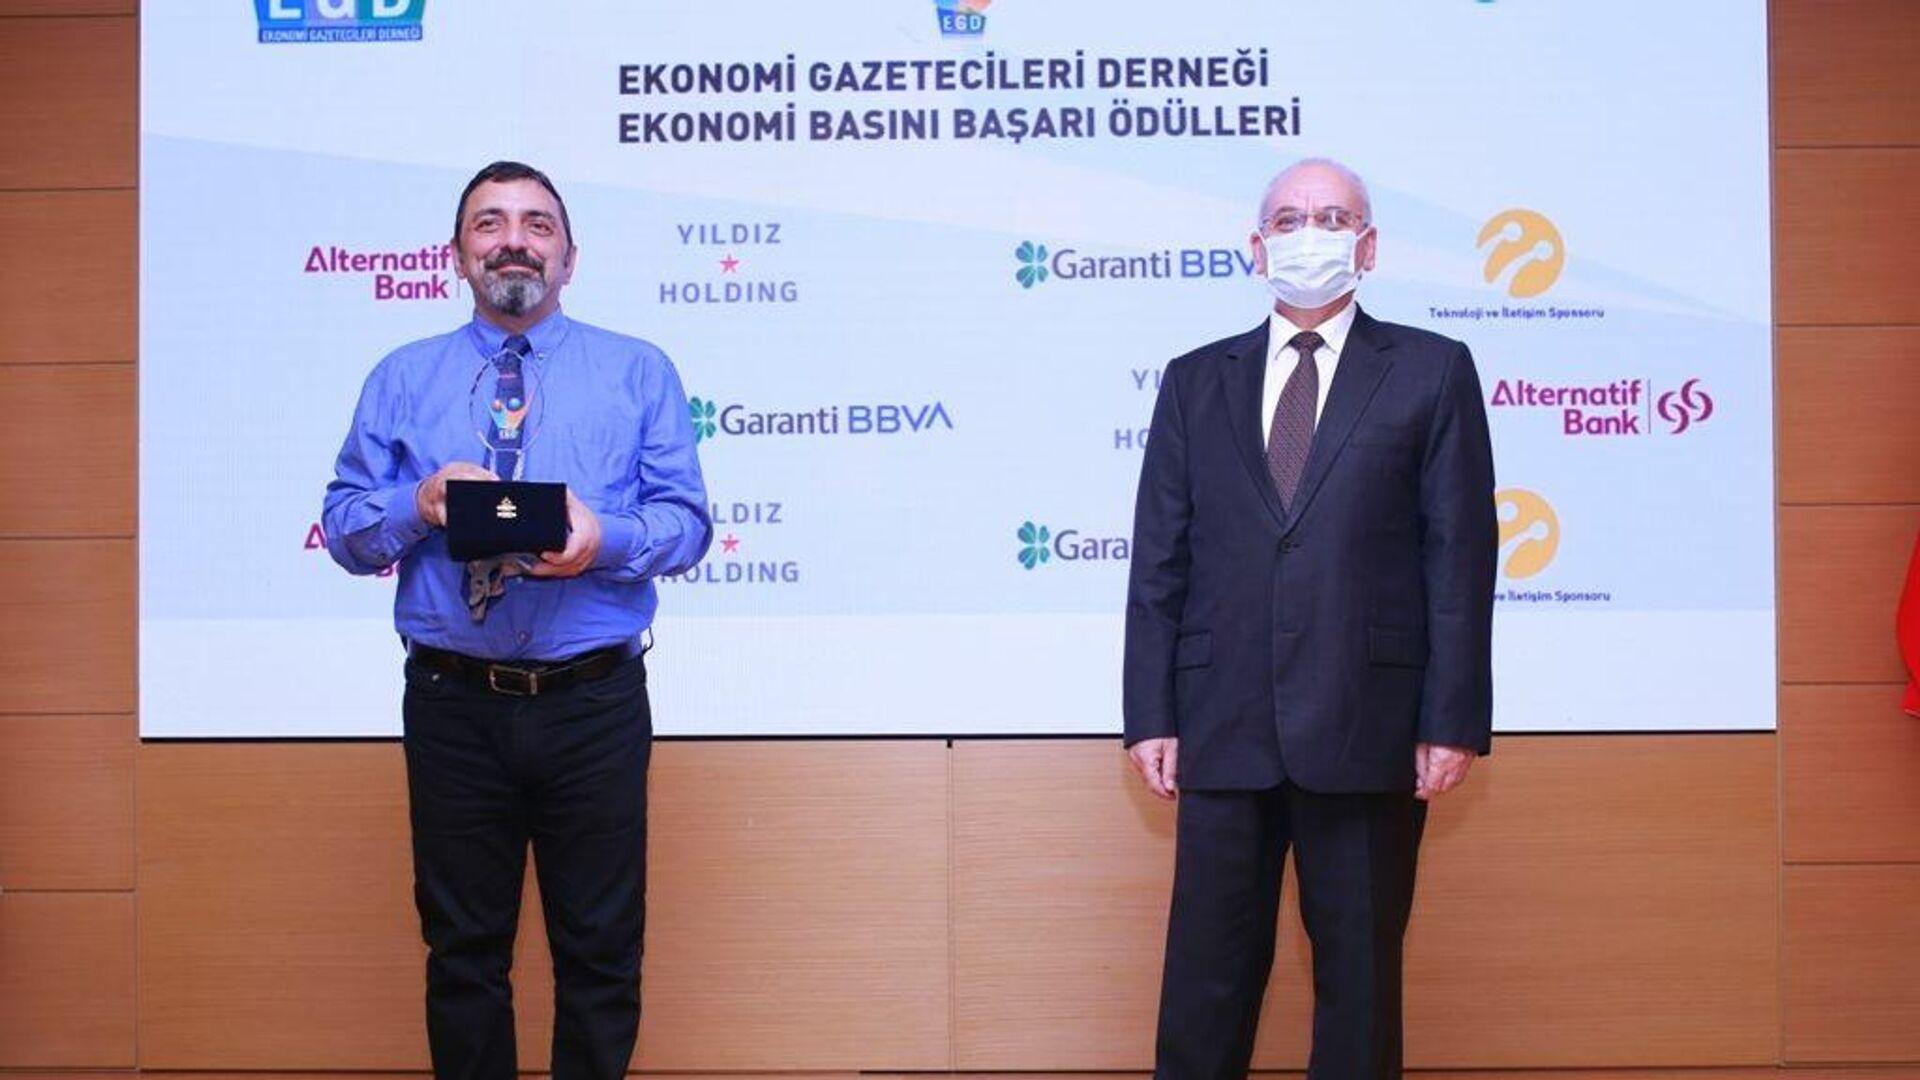 Радиопрограмма Sputnik Турция признана лучшей экономической программой года - РИА Новости, 1920, 25.09.2020